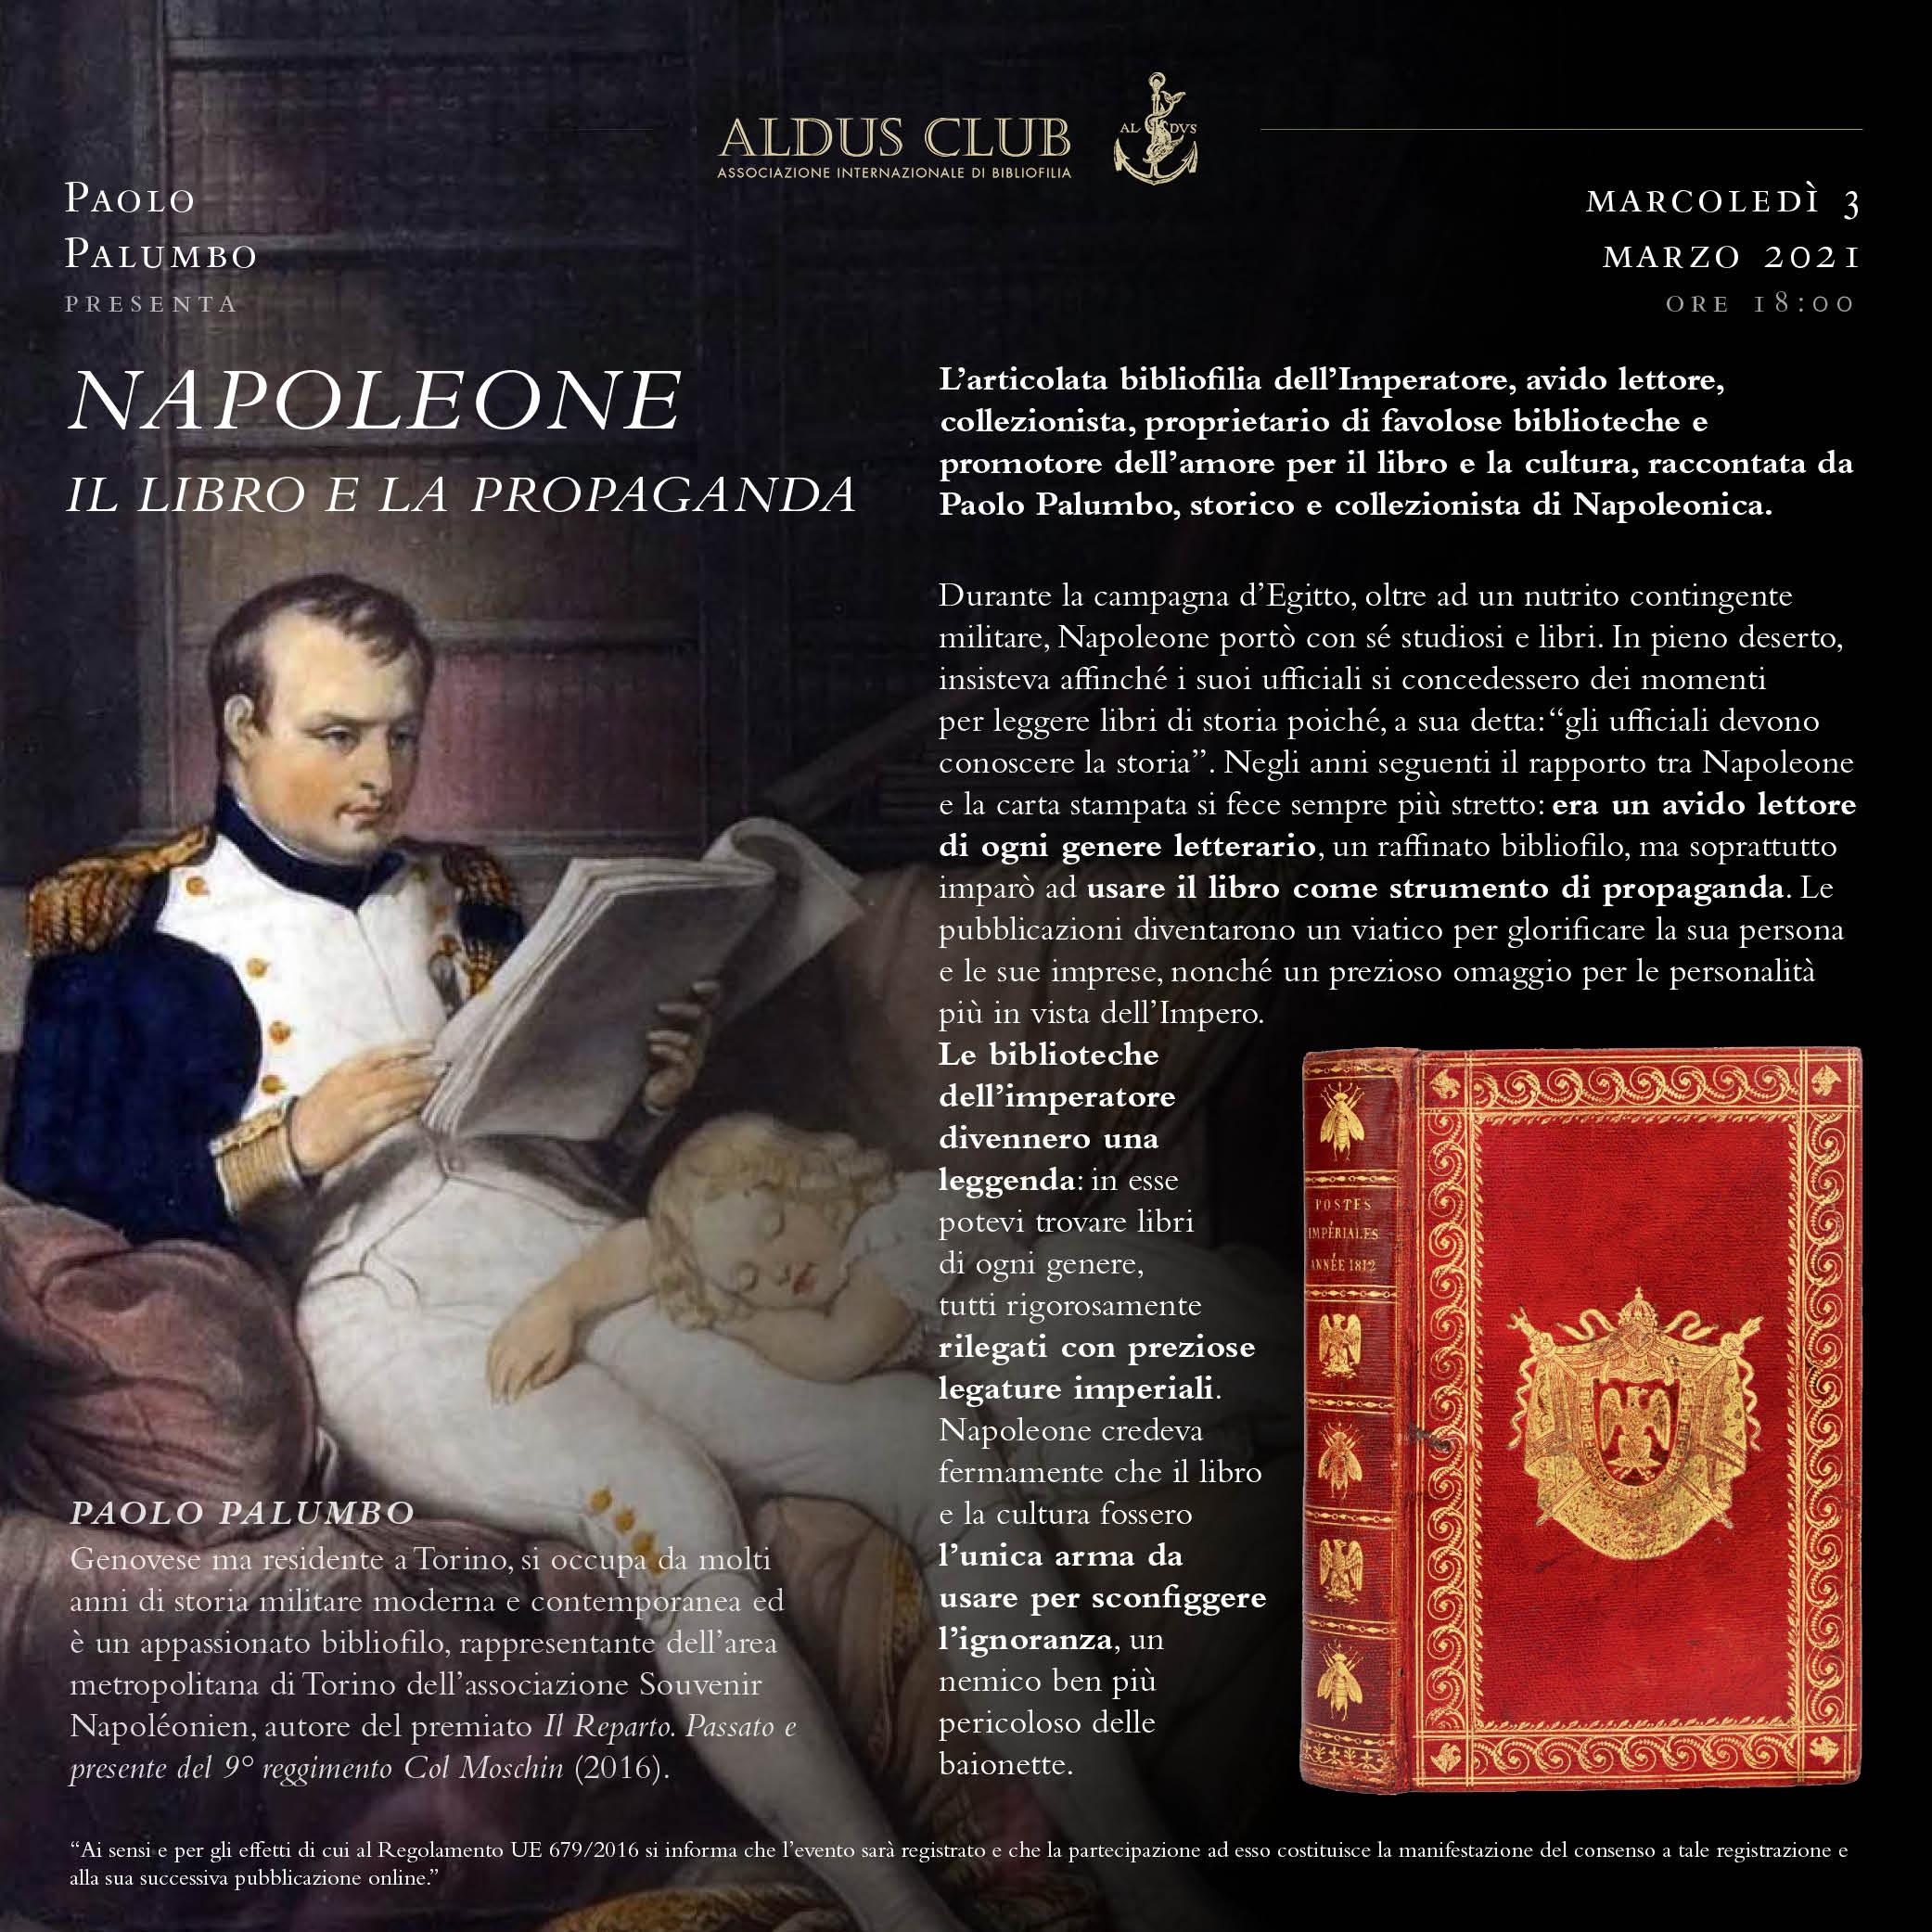 Napoleone: Il libro e la propaganda